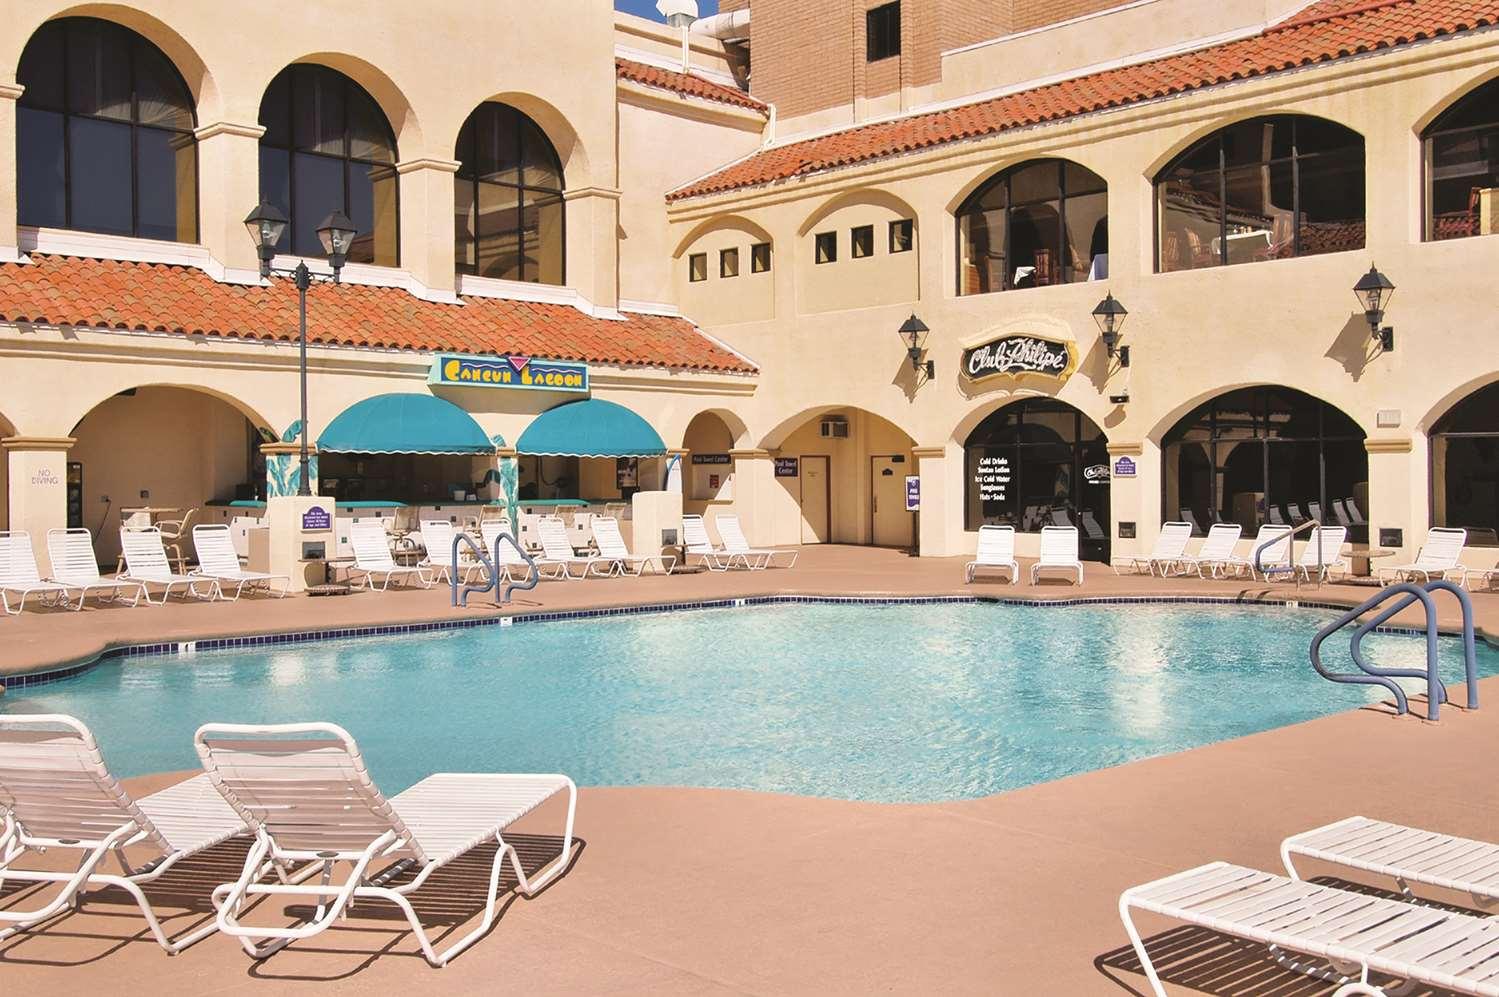 Pool - Harrah's Hotel Laughlin